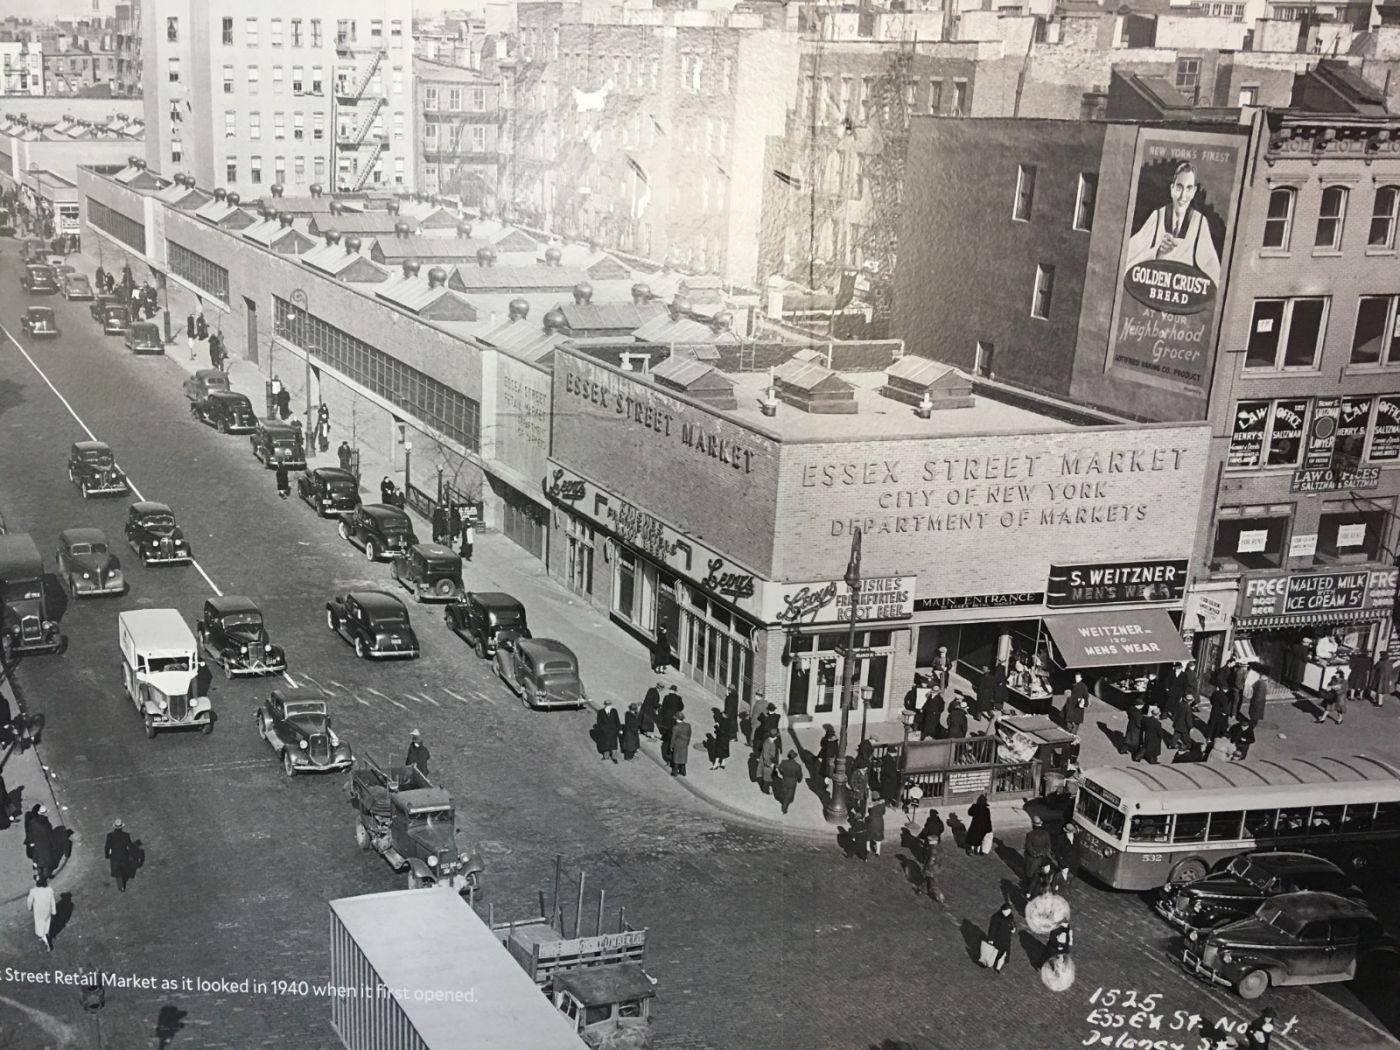 纽约曼哈顿下东城艾塞克斯街市场开张_图1-3